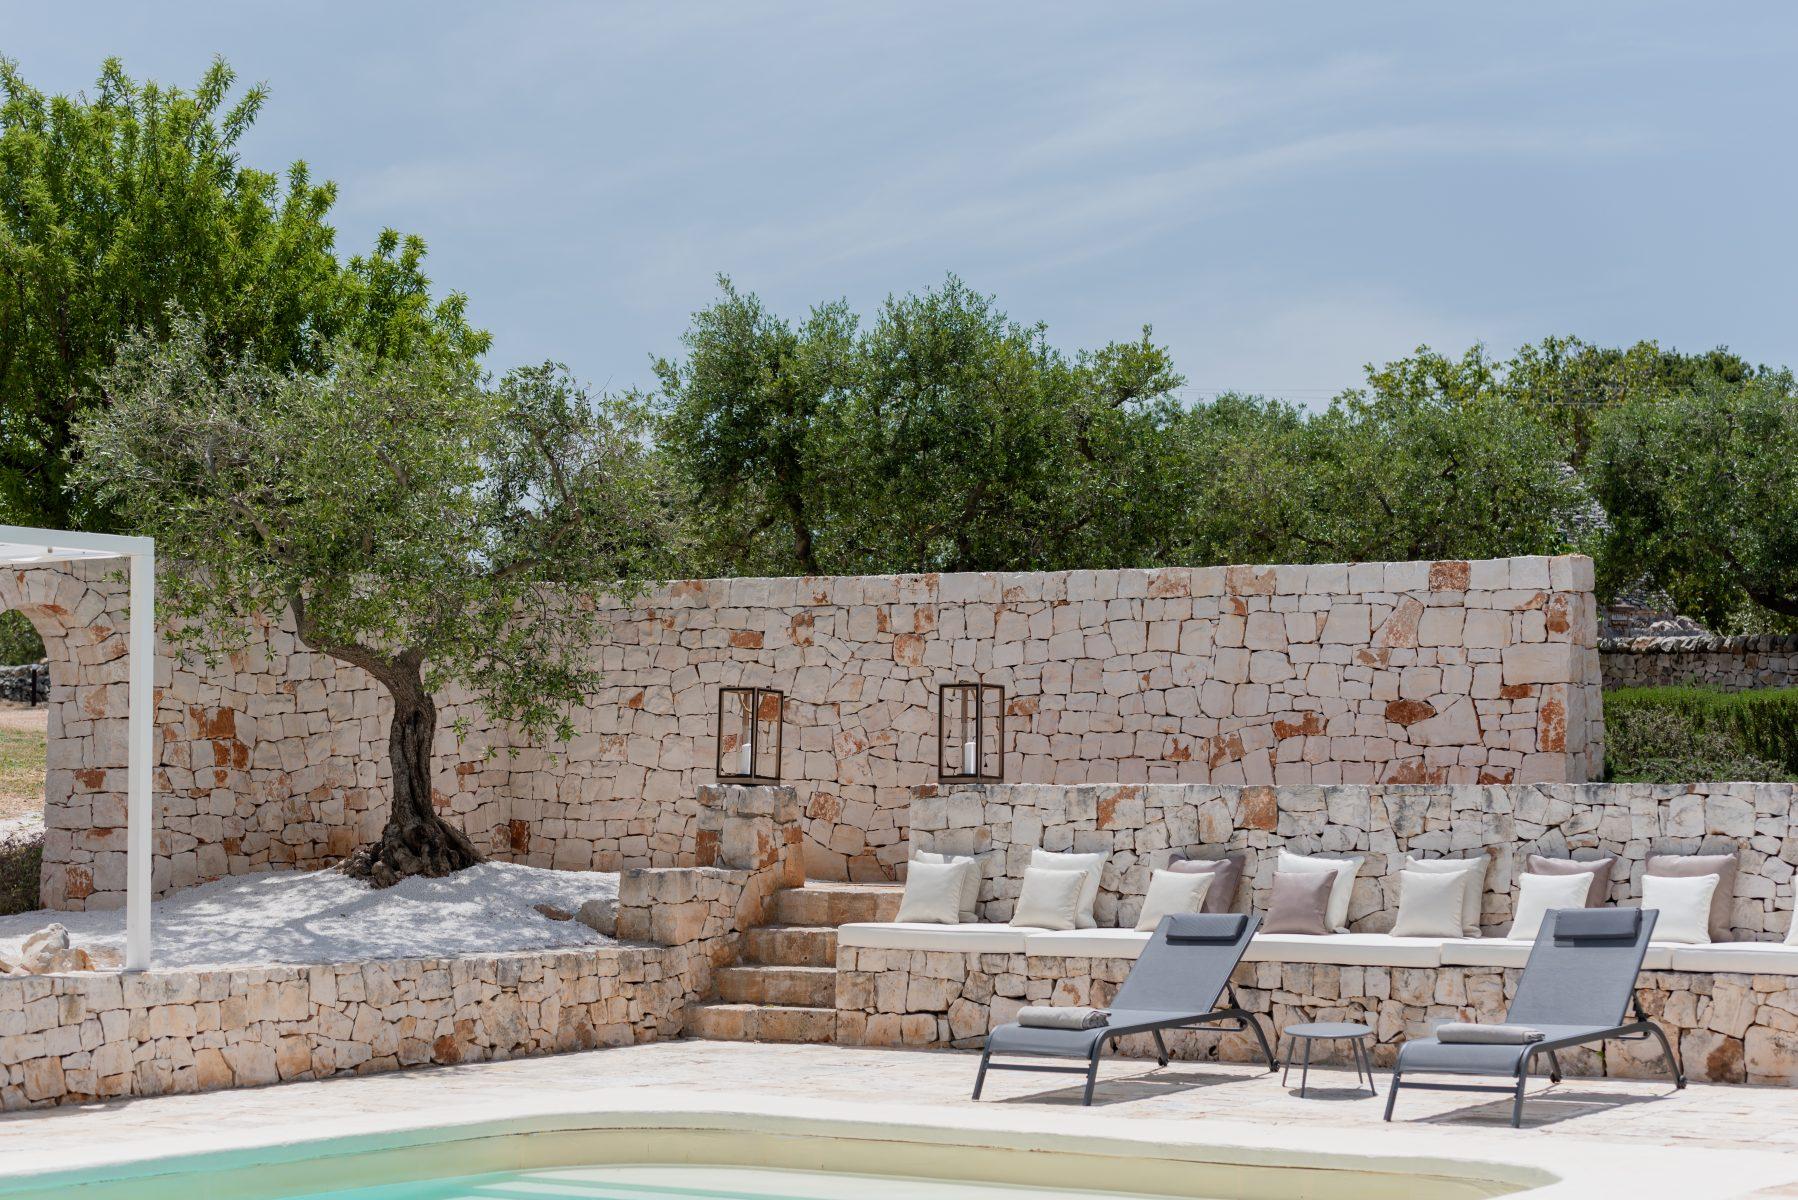 image 17 - outdoor - Dimora dei Gelsi Alberobello Puglia